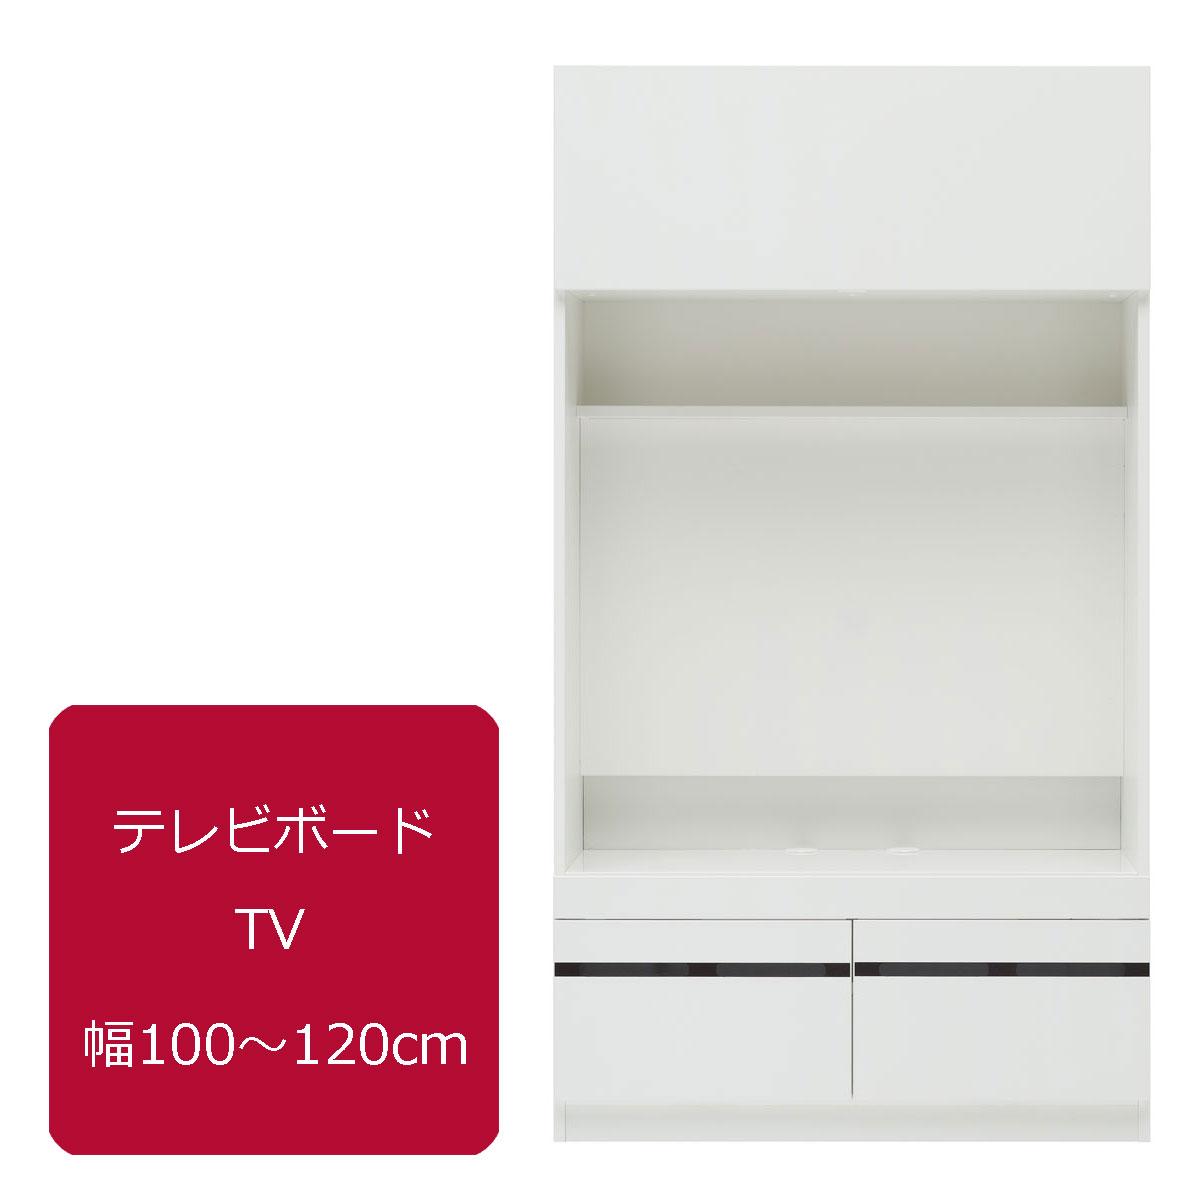 テレビすきまくん 幅100~120cm 奥行き44cm 高さ180cm テレビボード TV【一部地域開梱設置無料】【代引き不可】